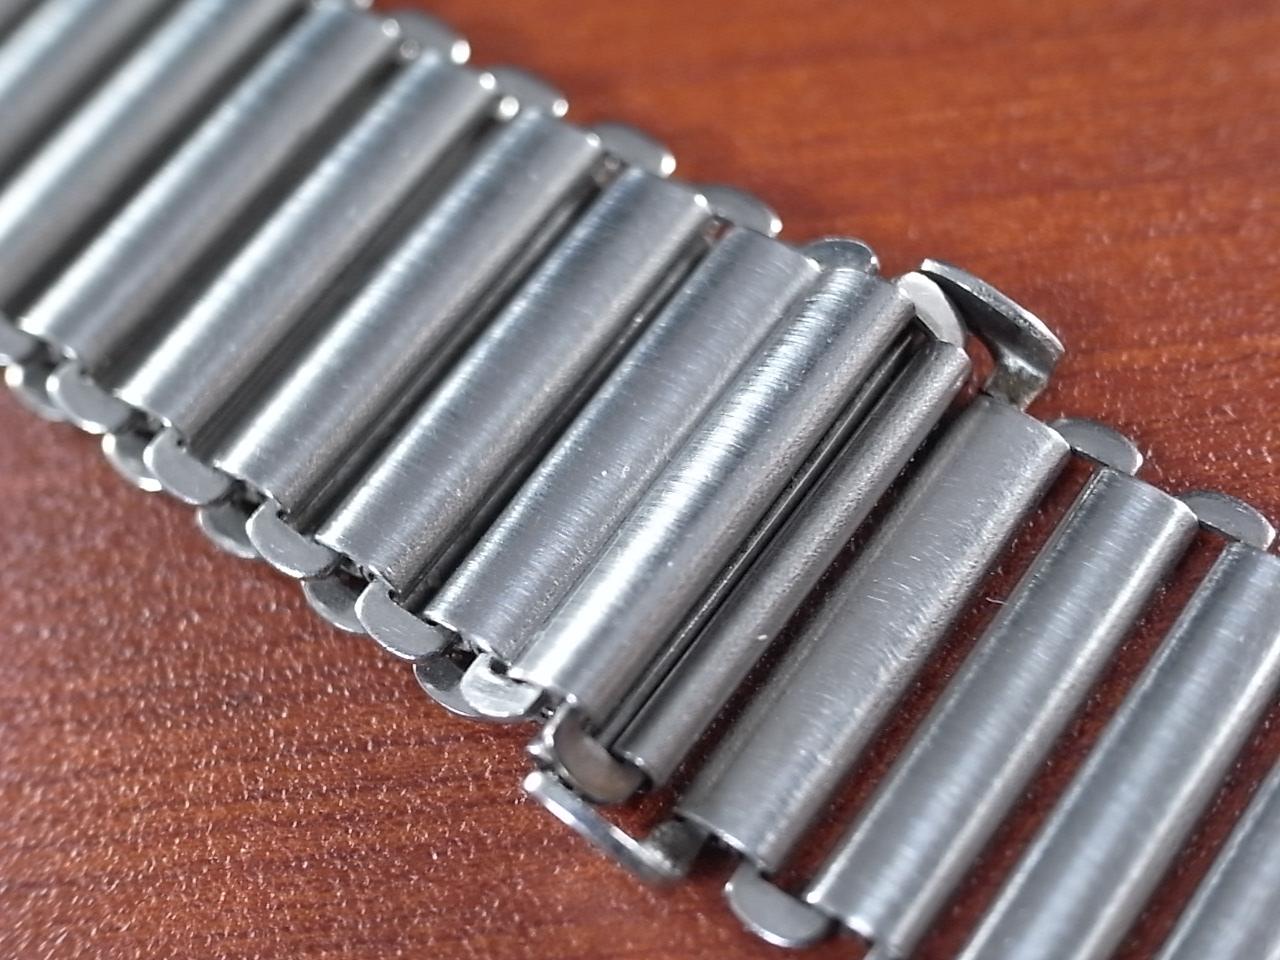 ボンクリップ バンブーブレス SS ブロック体ロゴ 16mmタイプ 16mm BONKLIPの写真5枚目